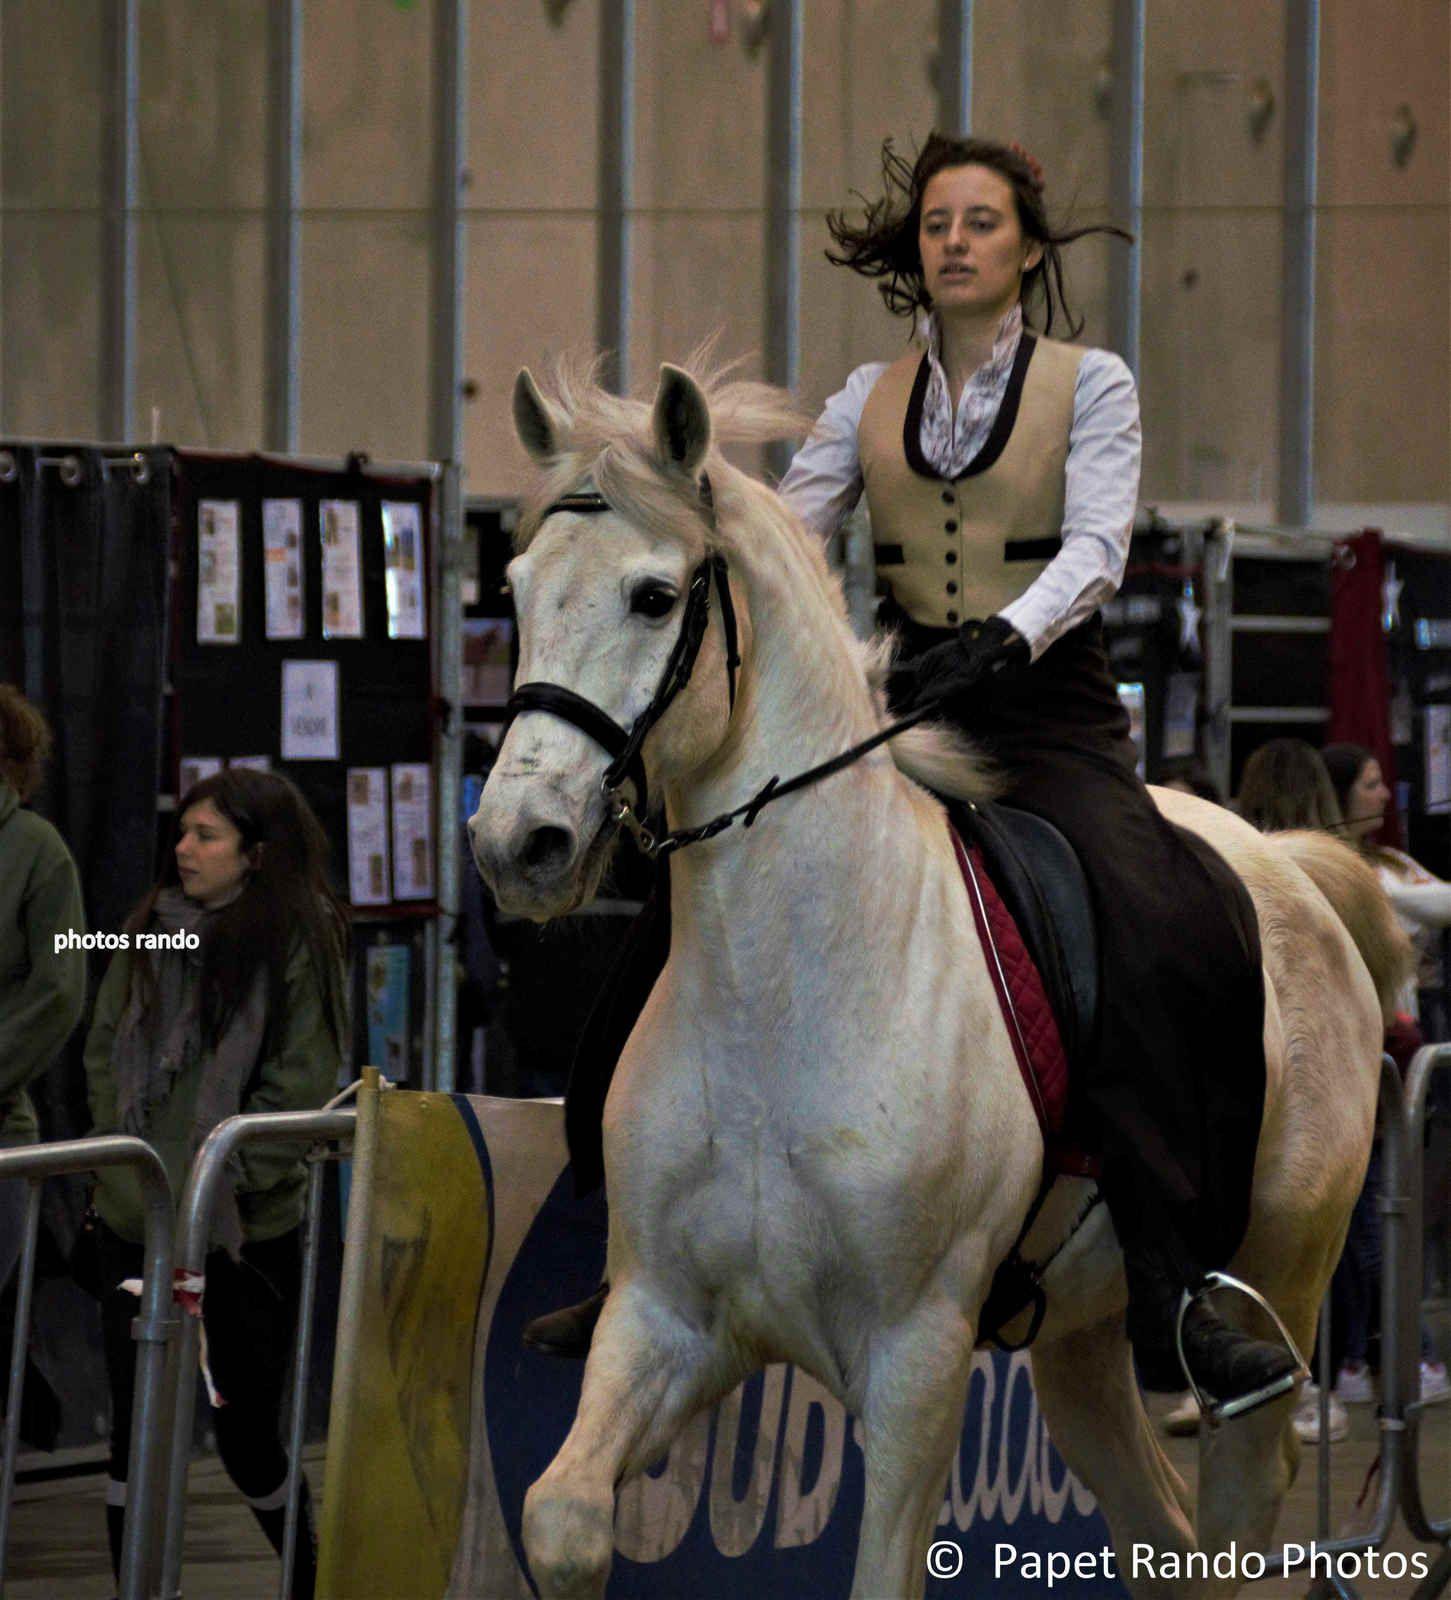 Le Salon du Cheval toujours un spectacle au TOP Bravo a toutes & tous a la prochaine